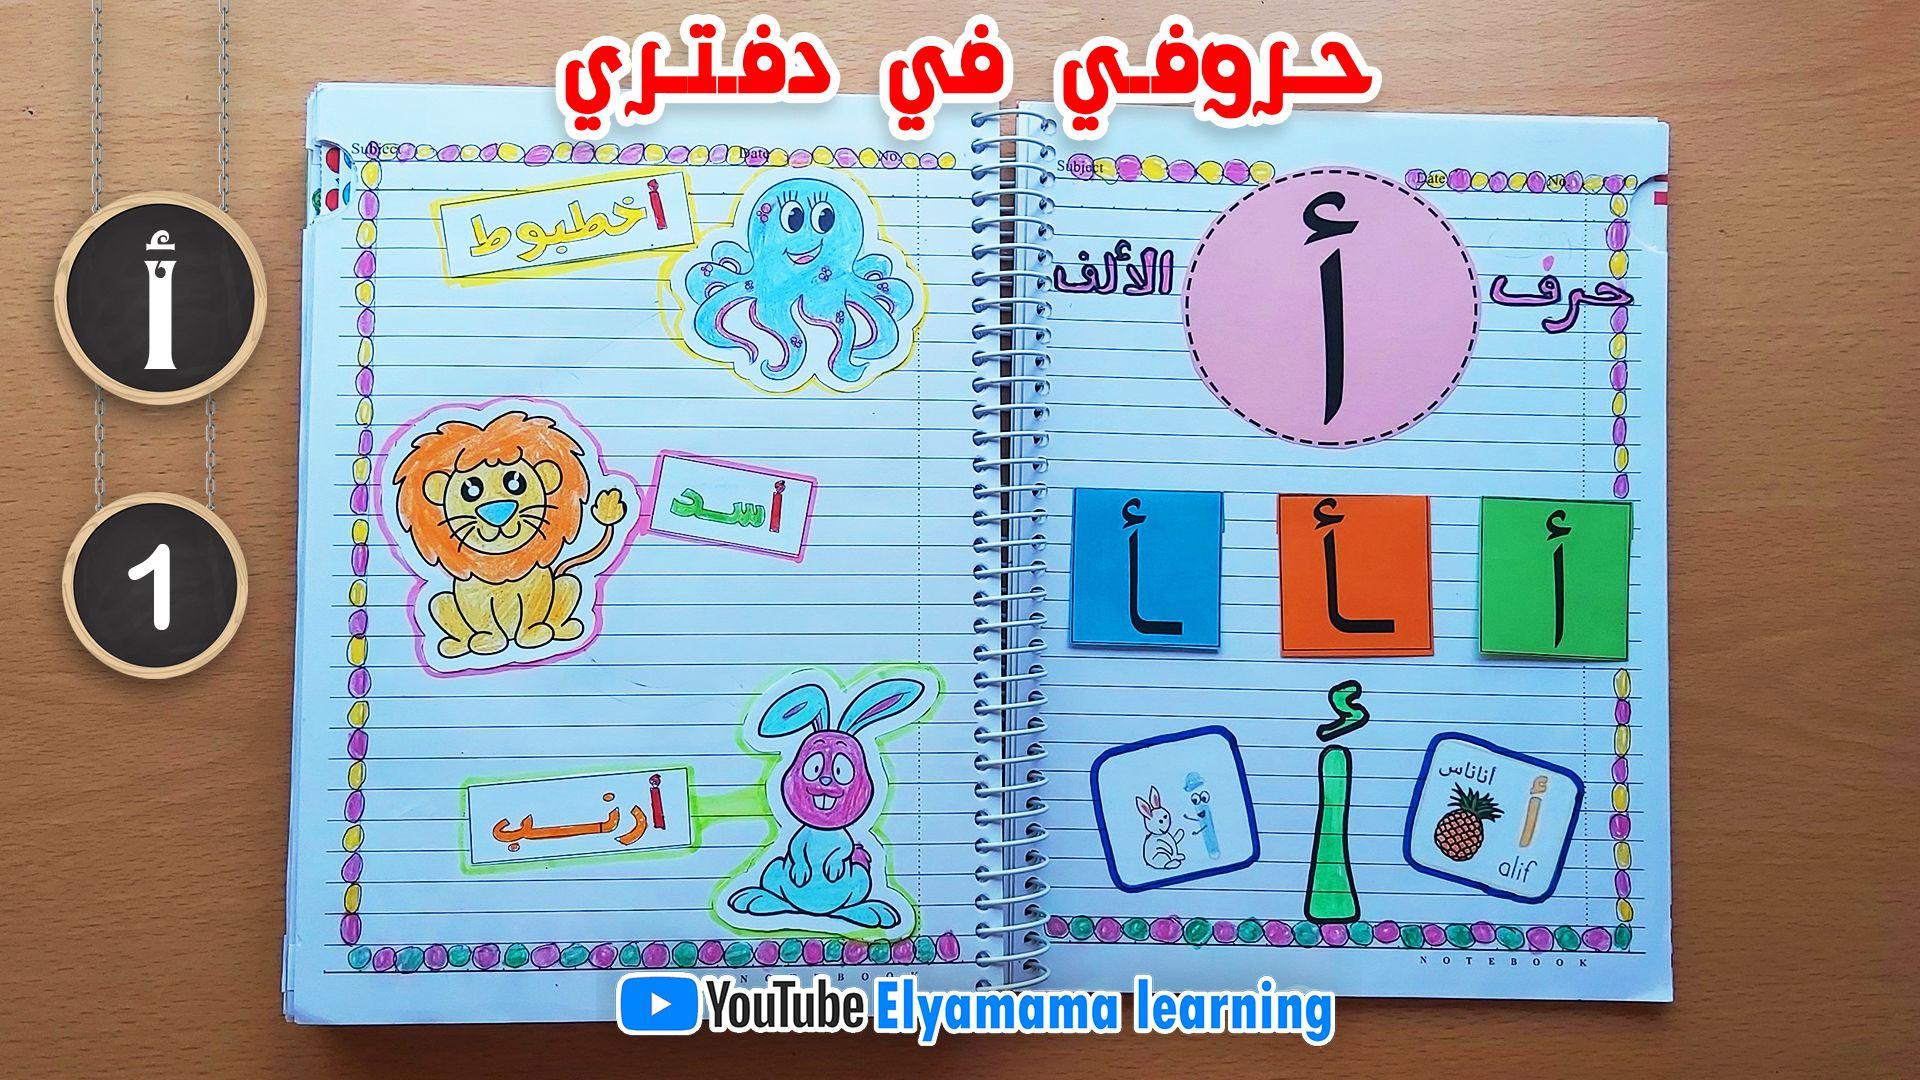 ألعاب منتسوري ألعاب منتسوري التعليمية أنشطة منتسوري أدوات منتسوري لتعليم الأطفال الحروف العربية اغنية أصوات الحروف العربية القصير Kids Education Education Kids